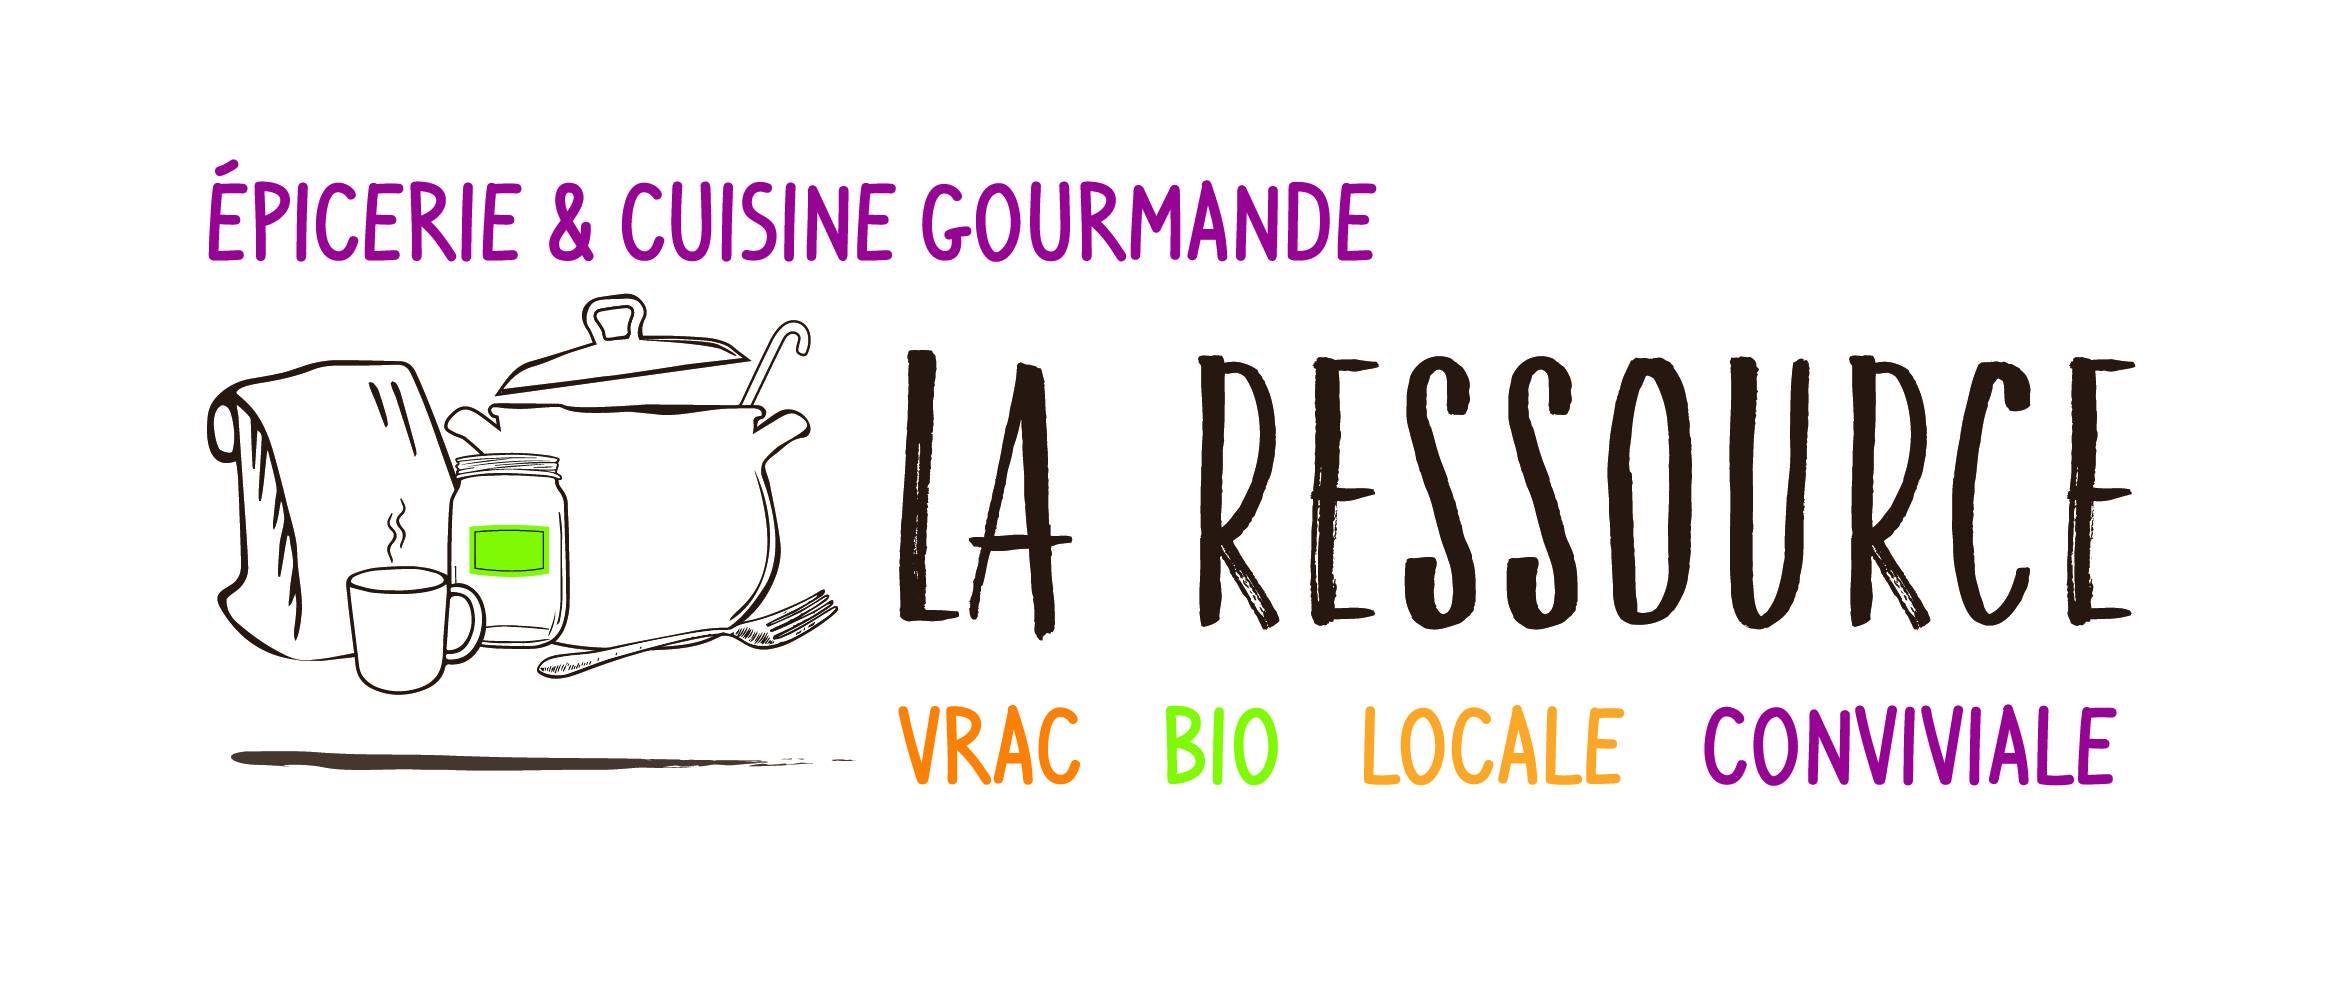 [OFFRE EMPLOI] L'épicerie La Ressource (Aix-les-Bains, 73) Cherche Un·e Salarié·e Associé·e Polyvalent·e